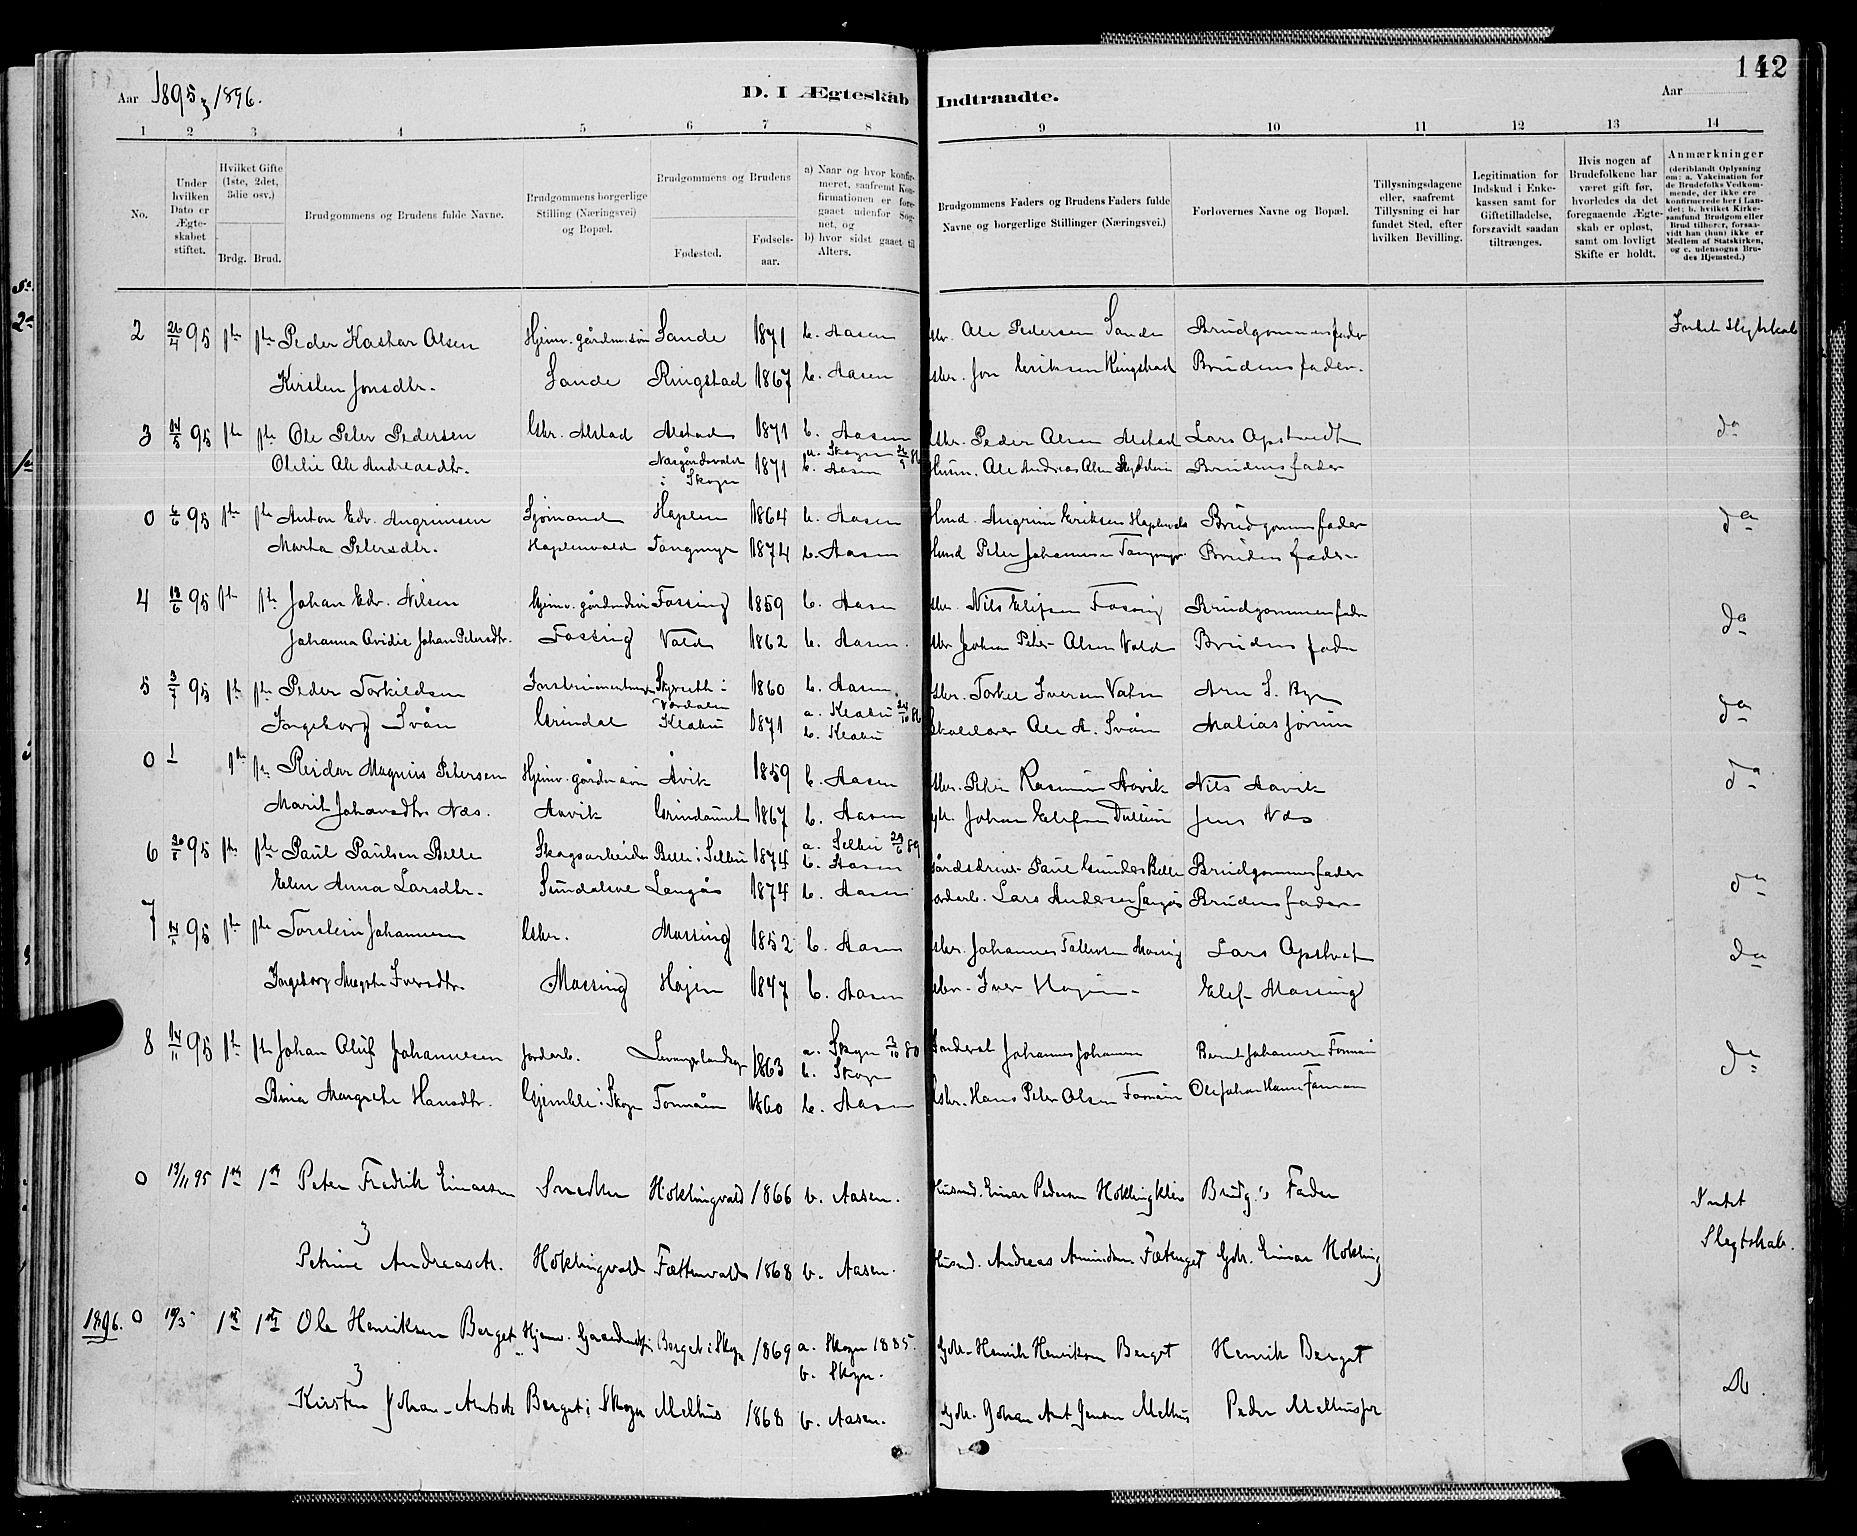 SAT, Ministerialprotokoller, klokkerbøker og fødselsregistre - Nord-Trøndelag, 714/L0134: Klokkerbok nr. 714C03, 1878-1898, s. 142